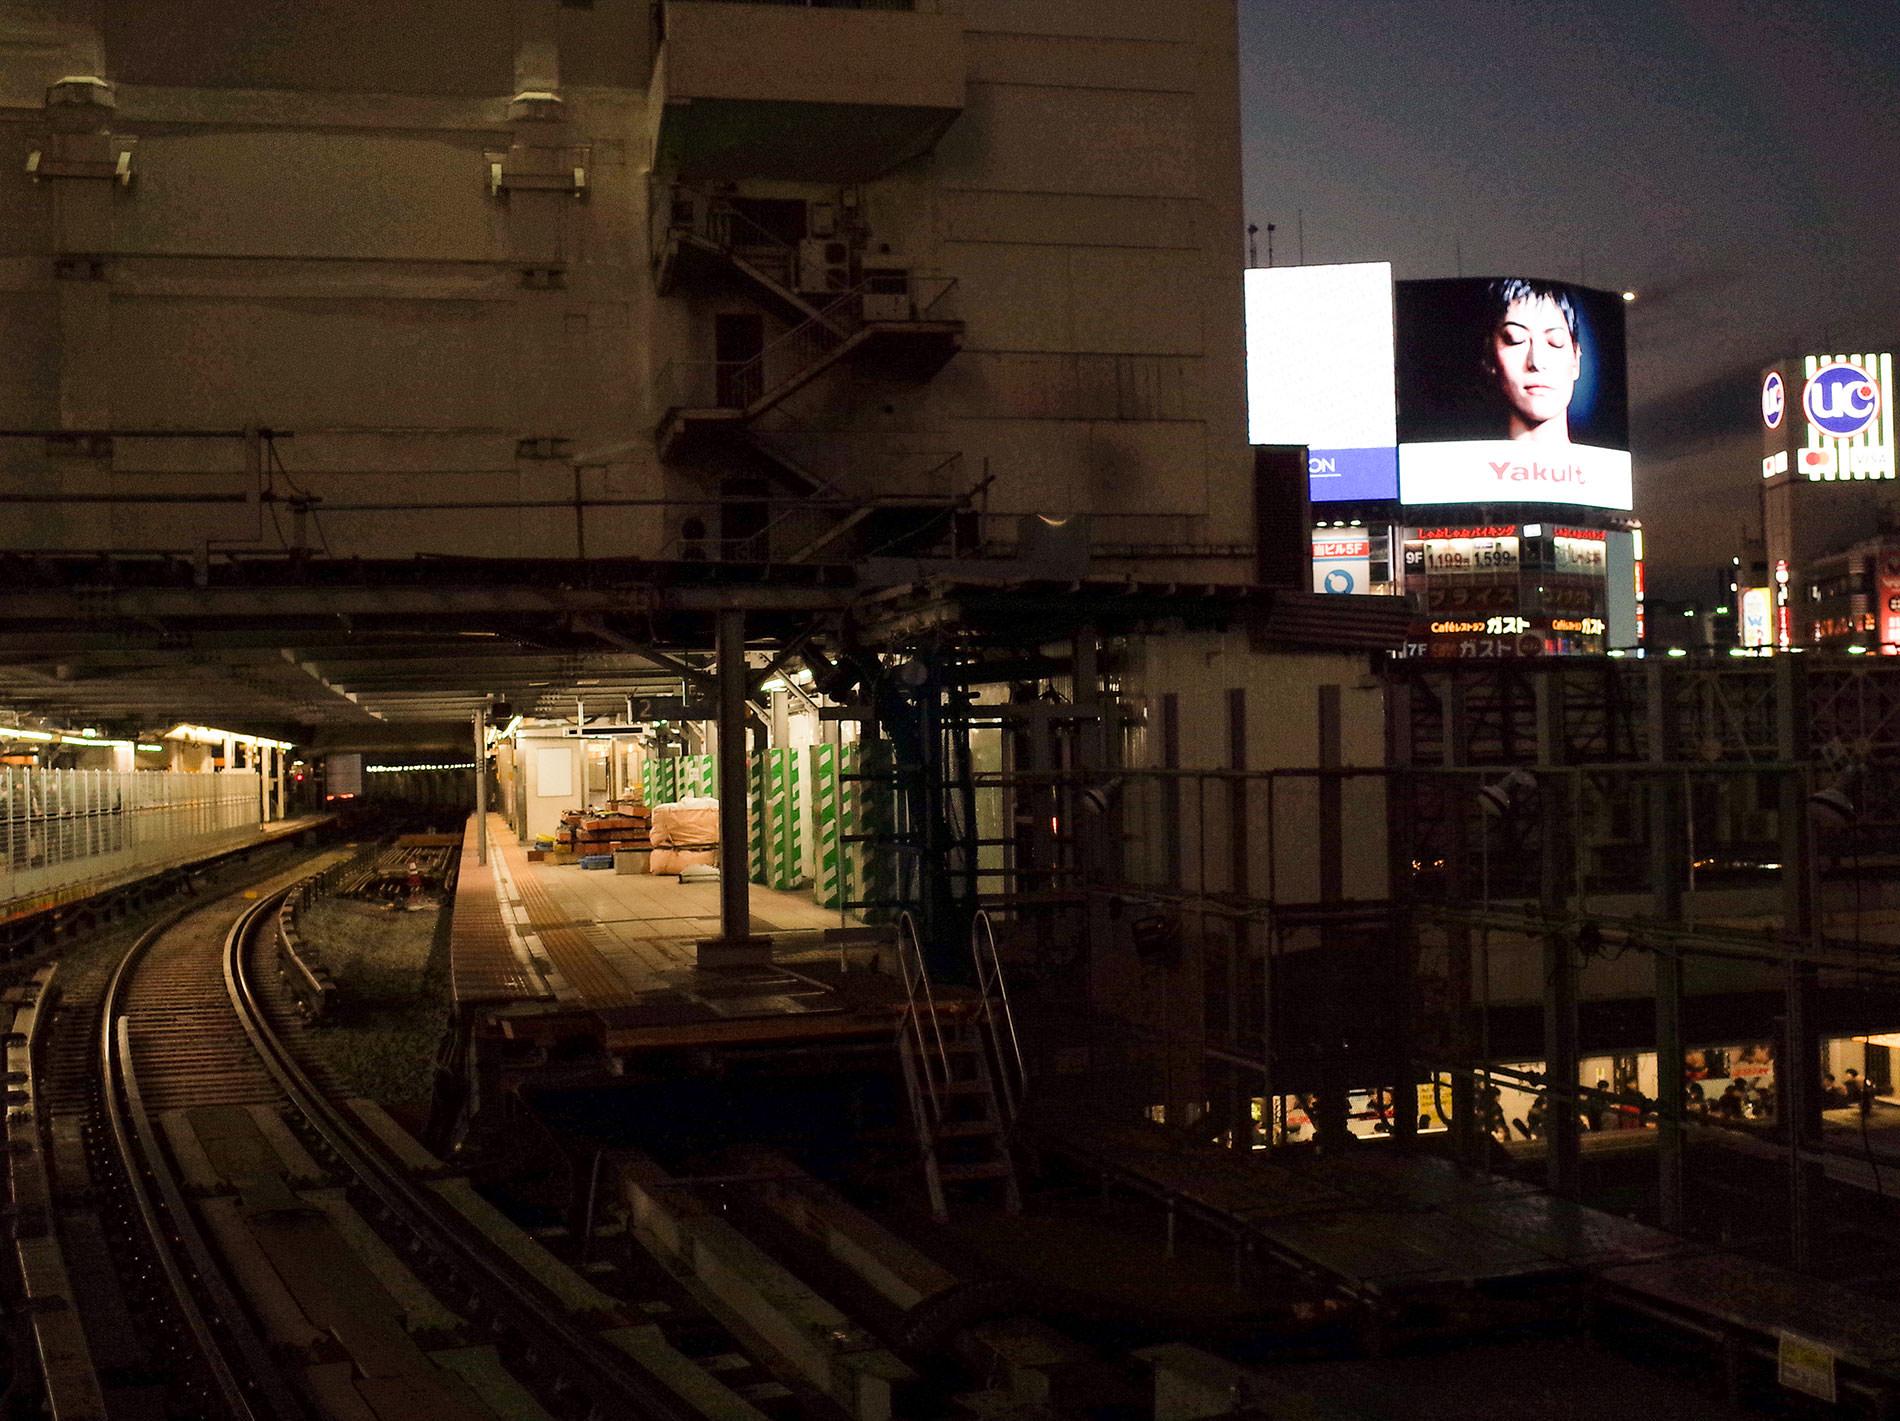 東京メトロ 銀座線 渋谷駅 / ホーム移設 / relocated_tokyo_metro_ginza_line_shibuya_station_2020